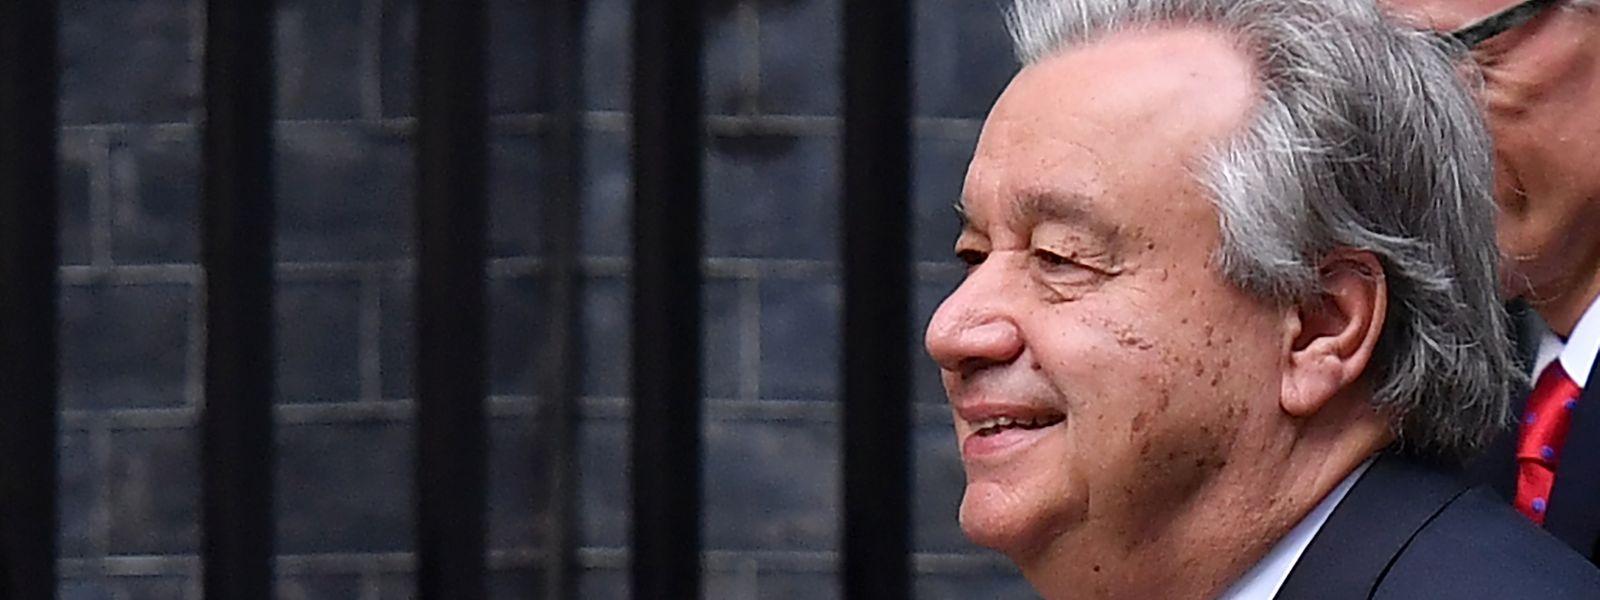 António Guterres fez uma pequeno discurso em português nos jardins das Nações Unidas